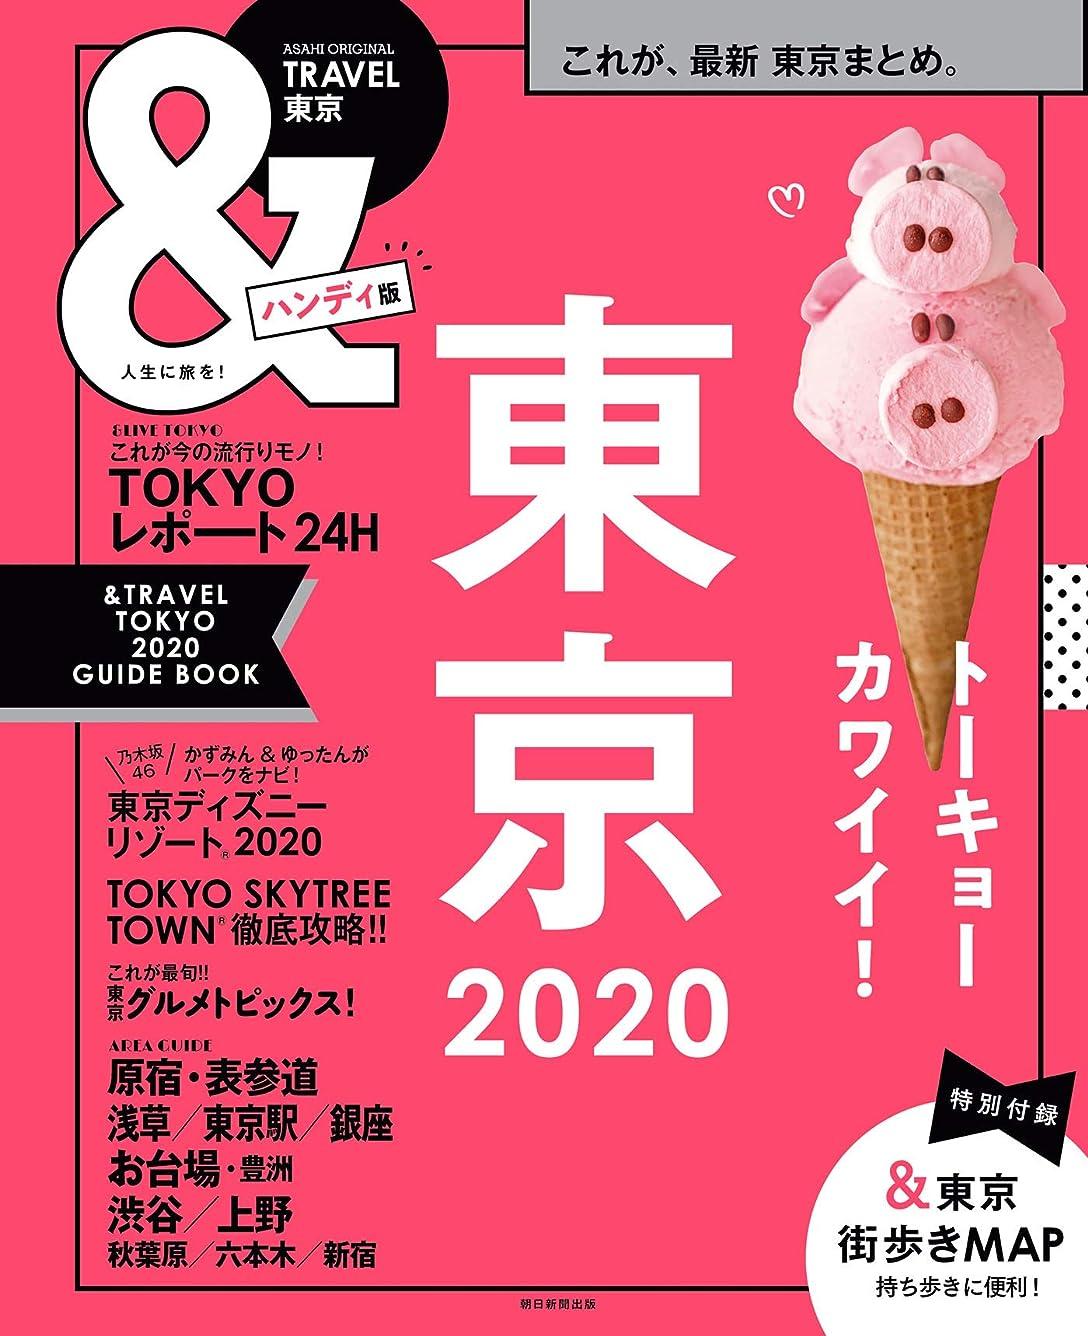 大胆なうまくやる()名詞&TRAVEL 東京 2020